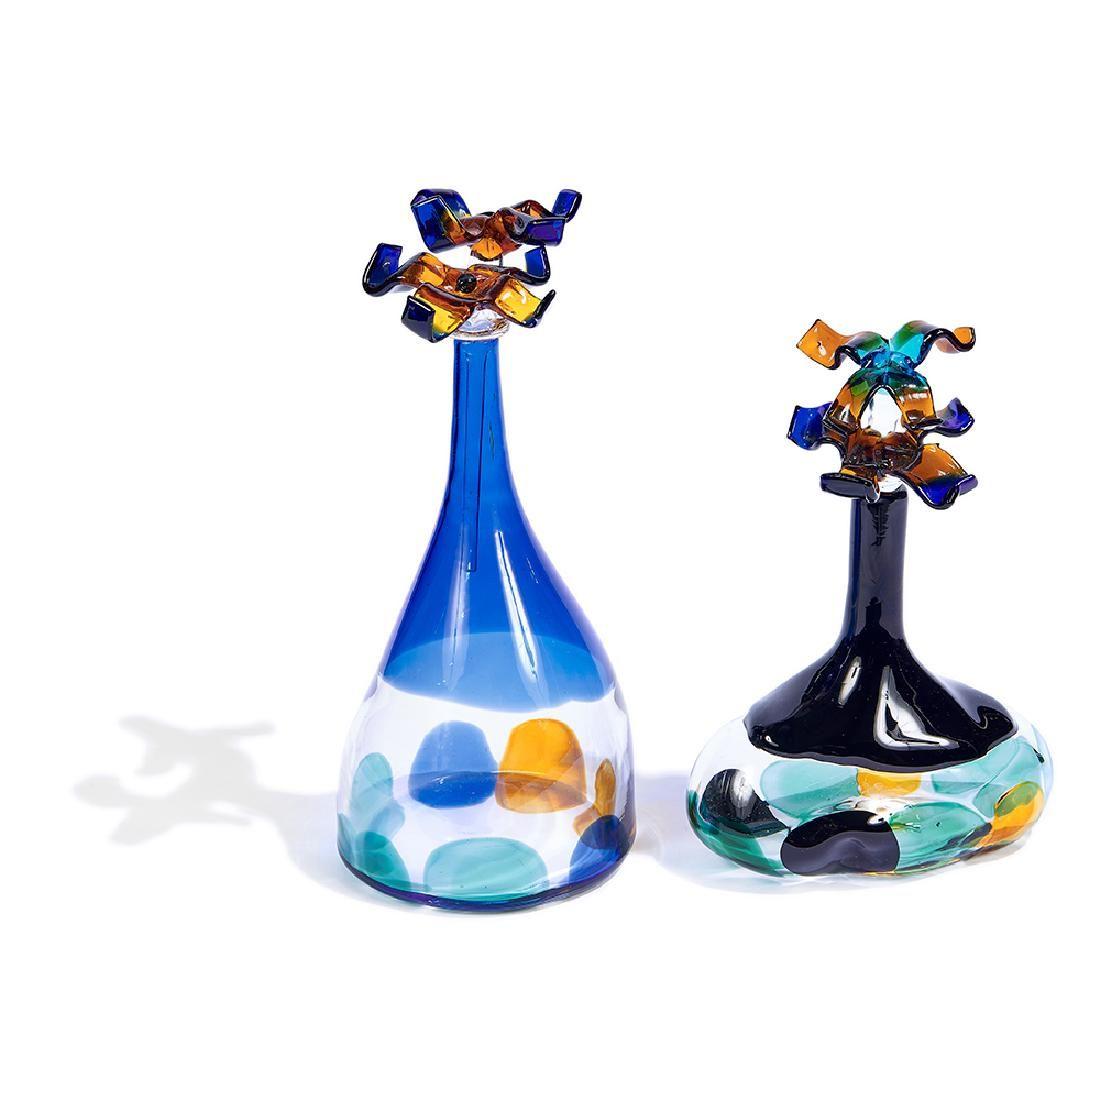 Luciano Gaspari for Salviati & Co. bottles, pair